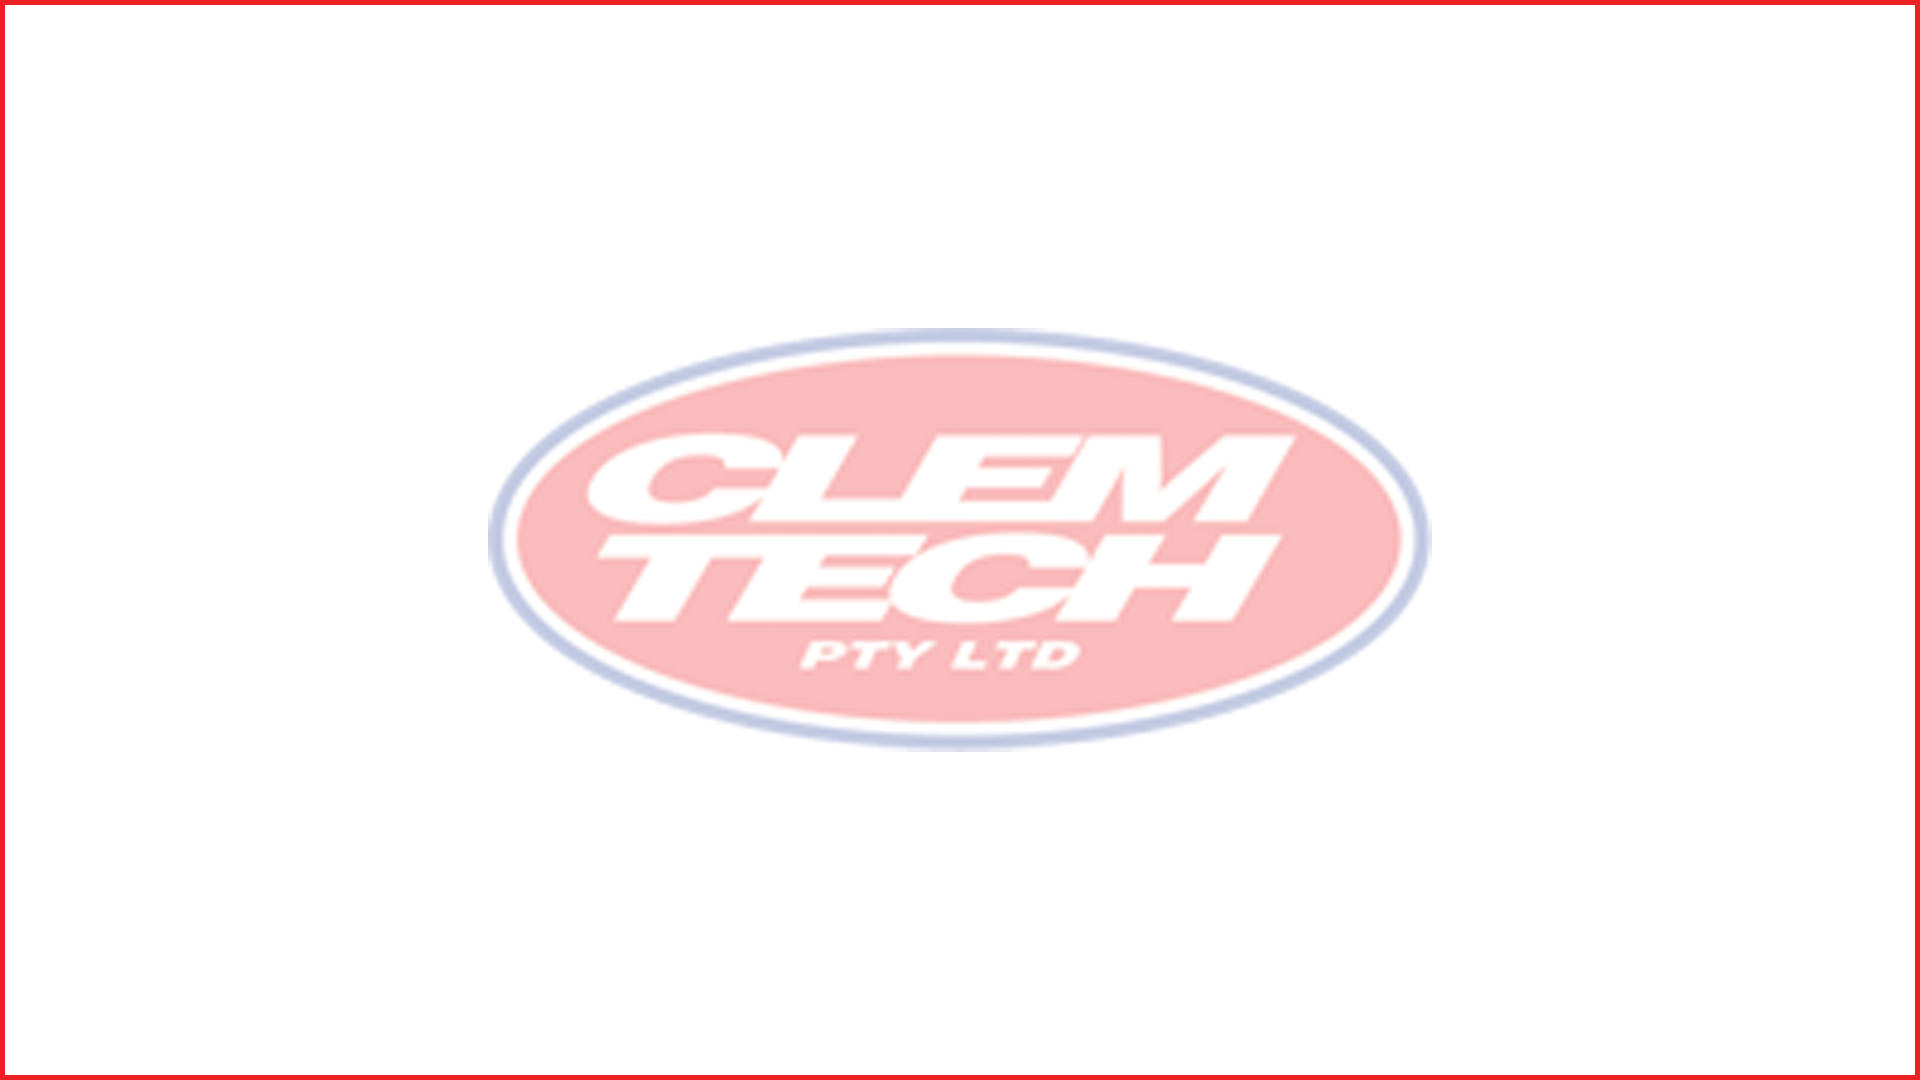 Clemtech